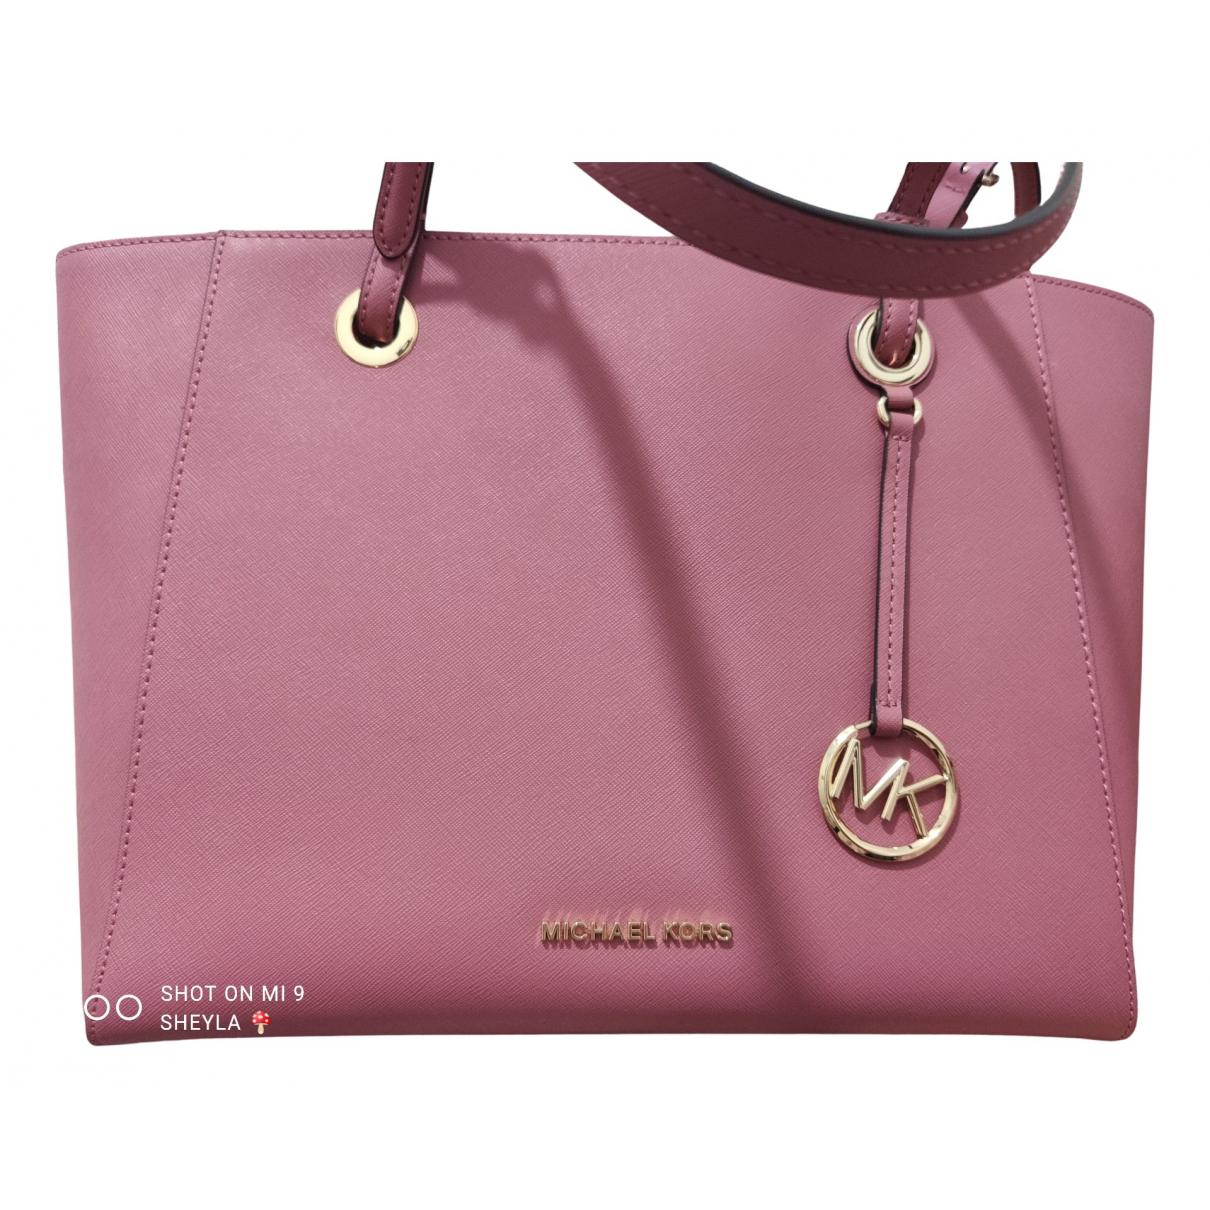 Michael Kors - Sac a main Sady pour femme en cuir - rose